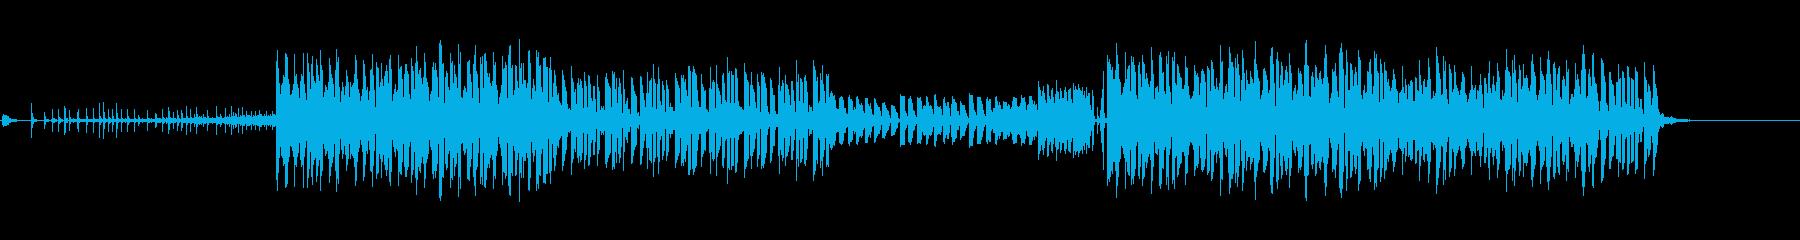 ノリの良いEDMのBGMの再生済みの波形